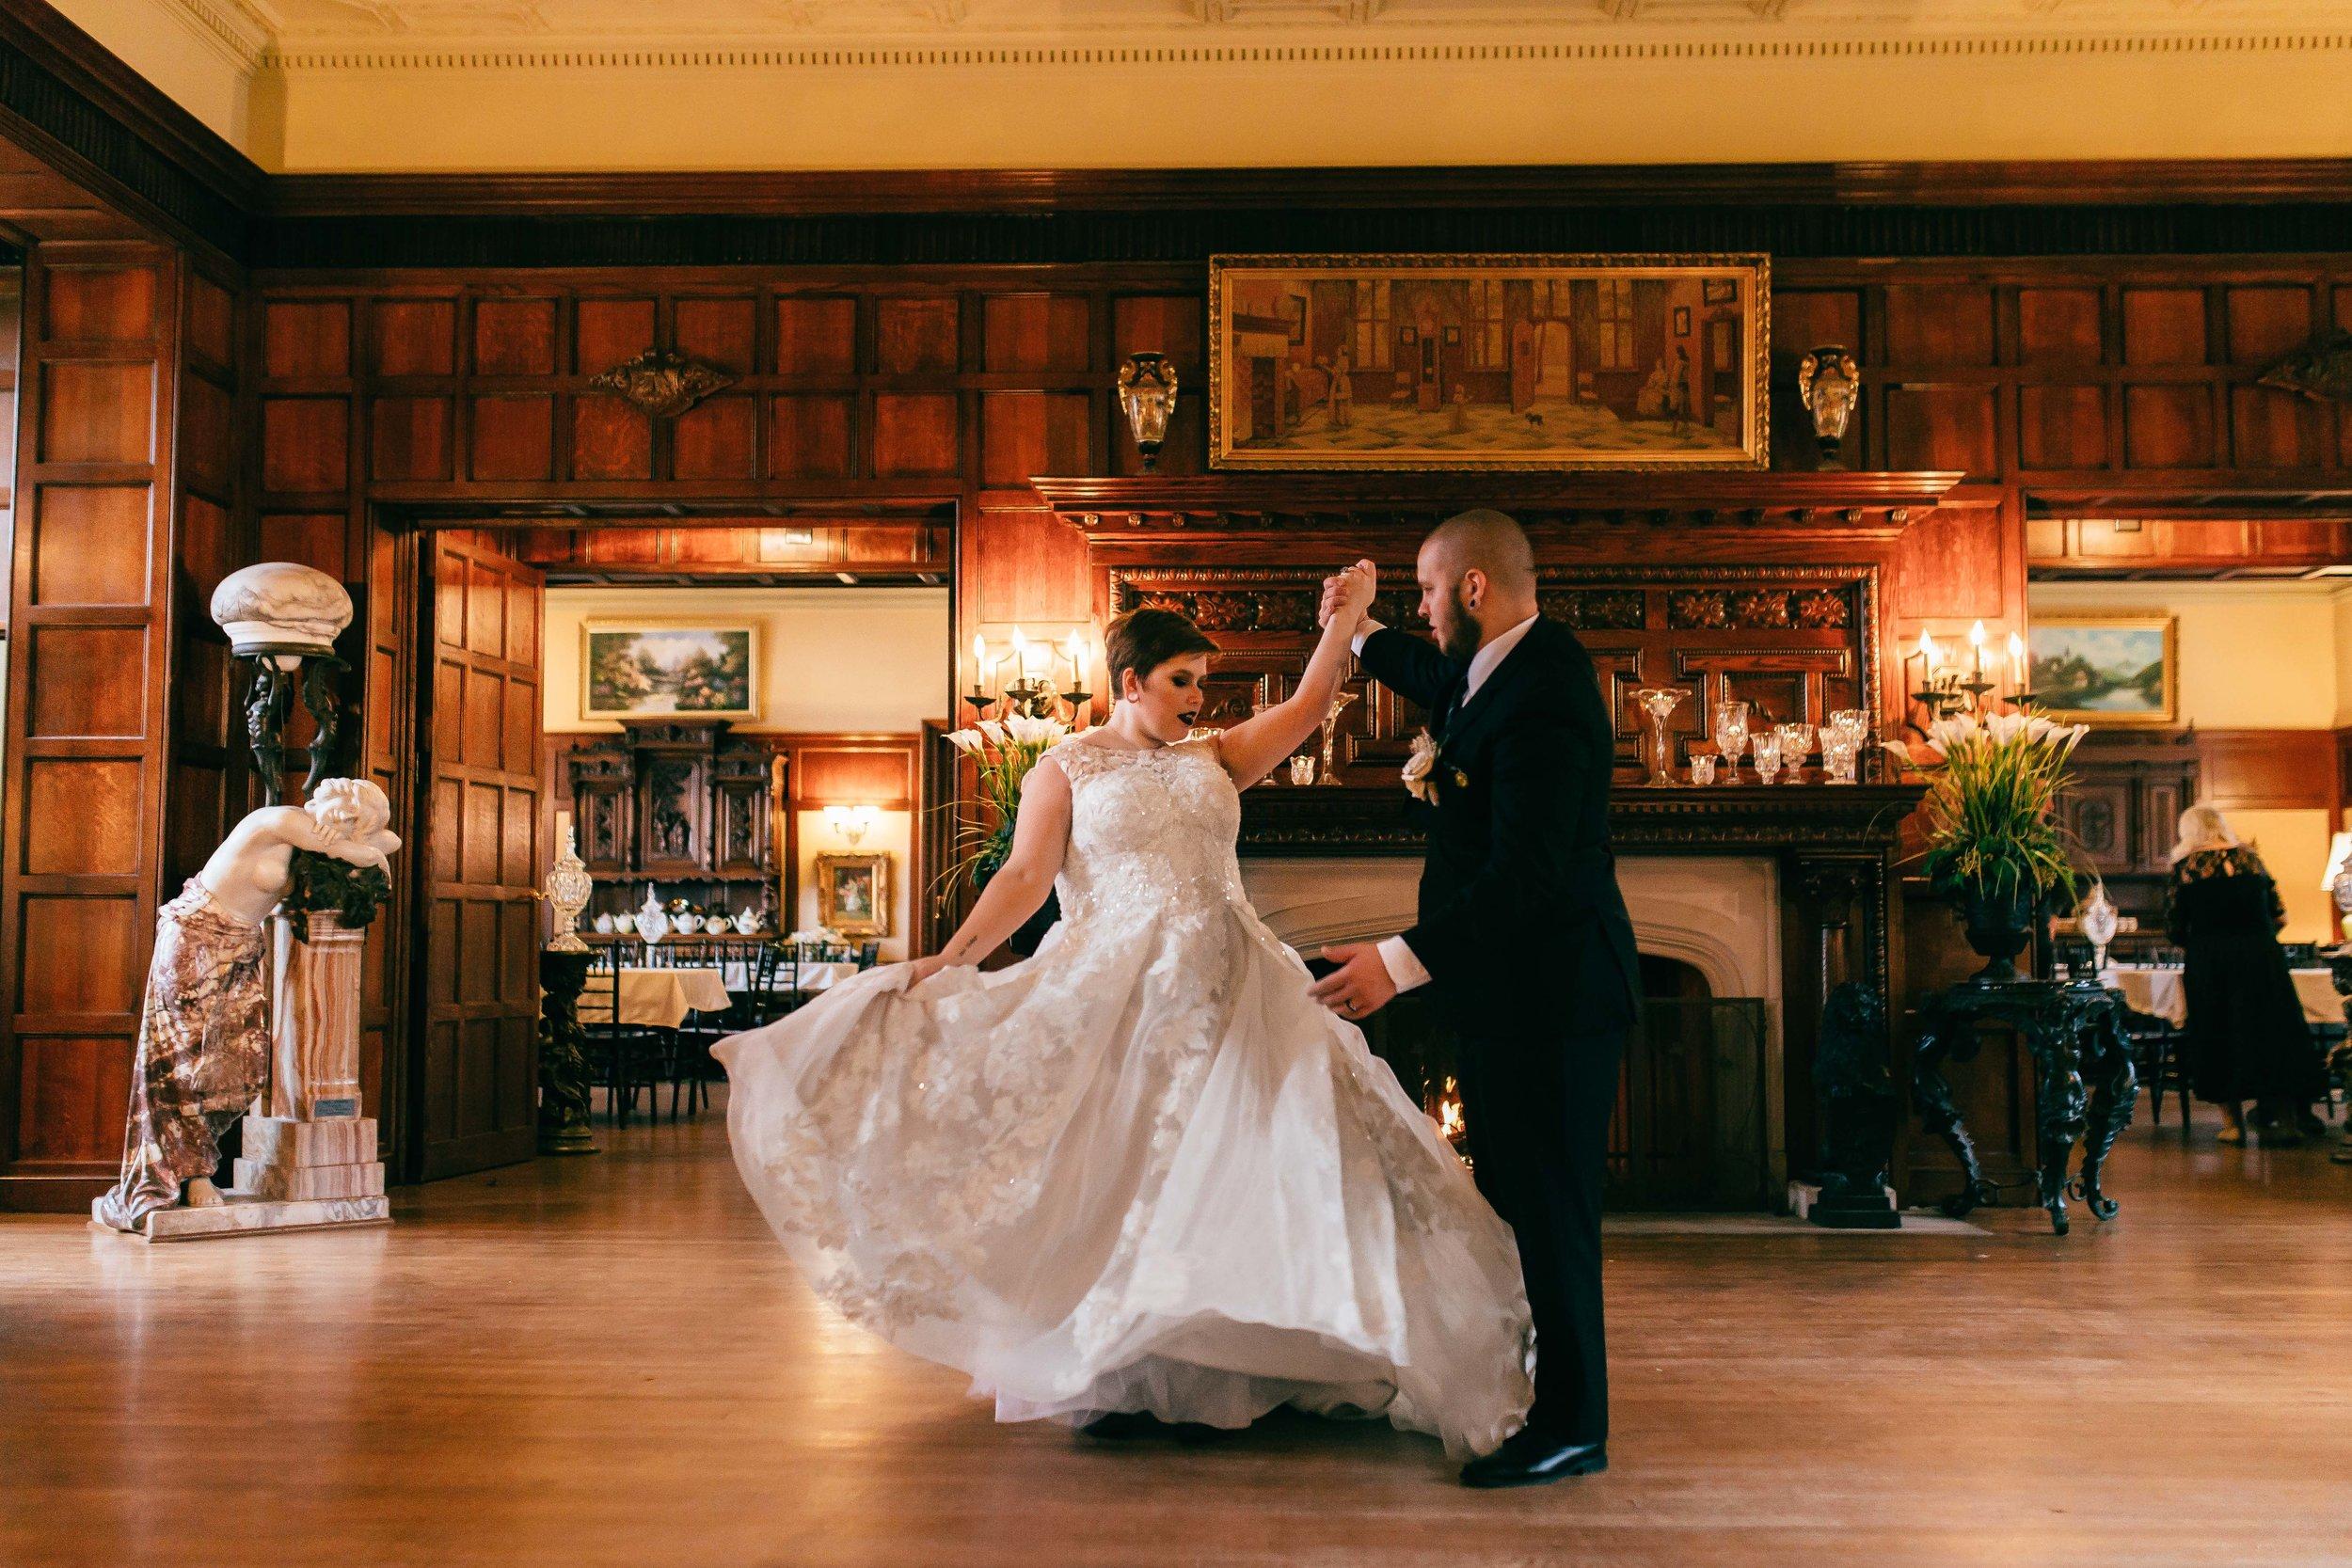 washington_wedding_Thornewood_Castle_photography-0305.jpg